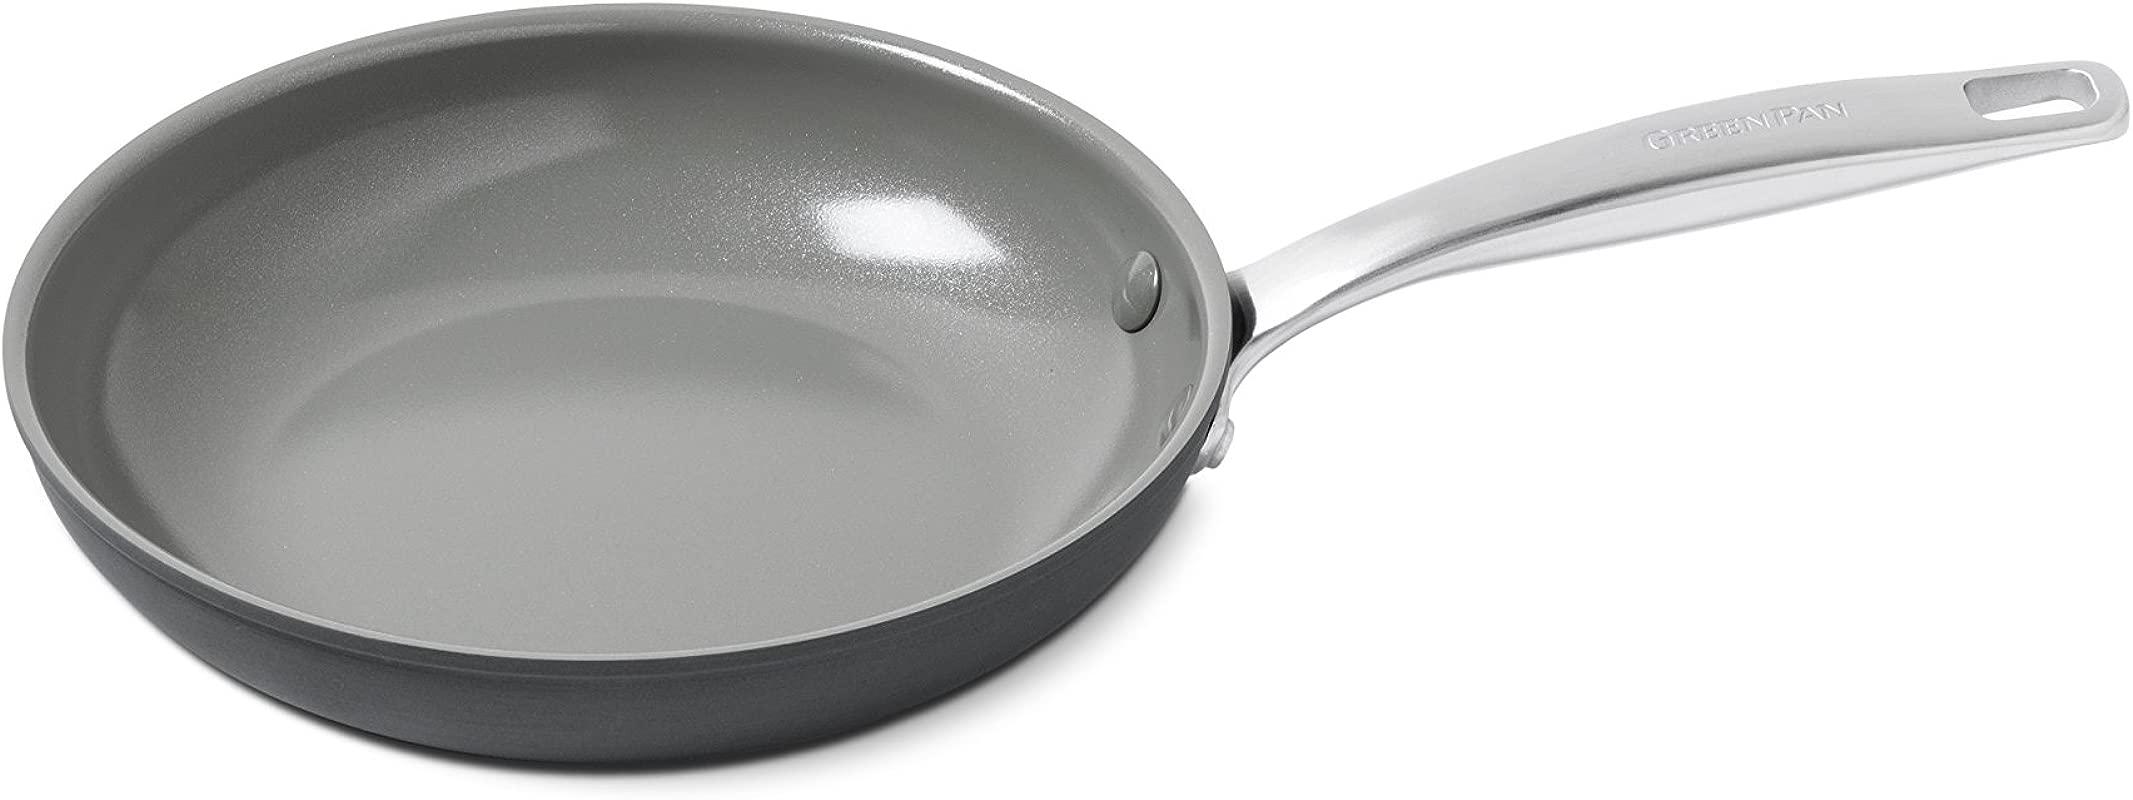 GreenPan Chatham 8 Ceramic Non Stick Open Frypan Grey